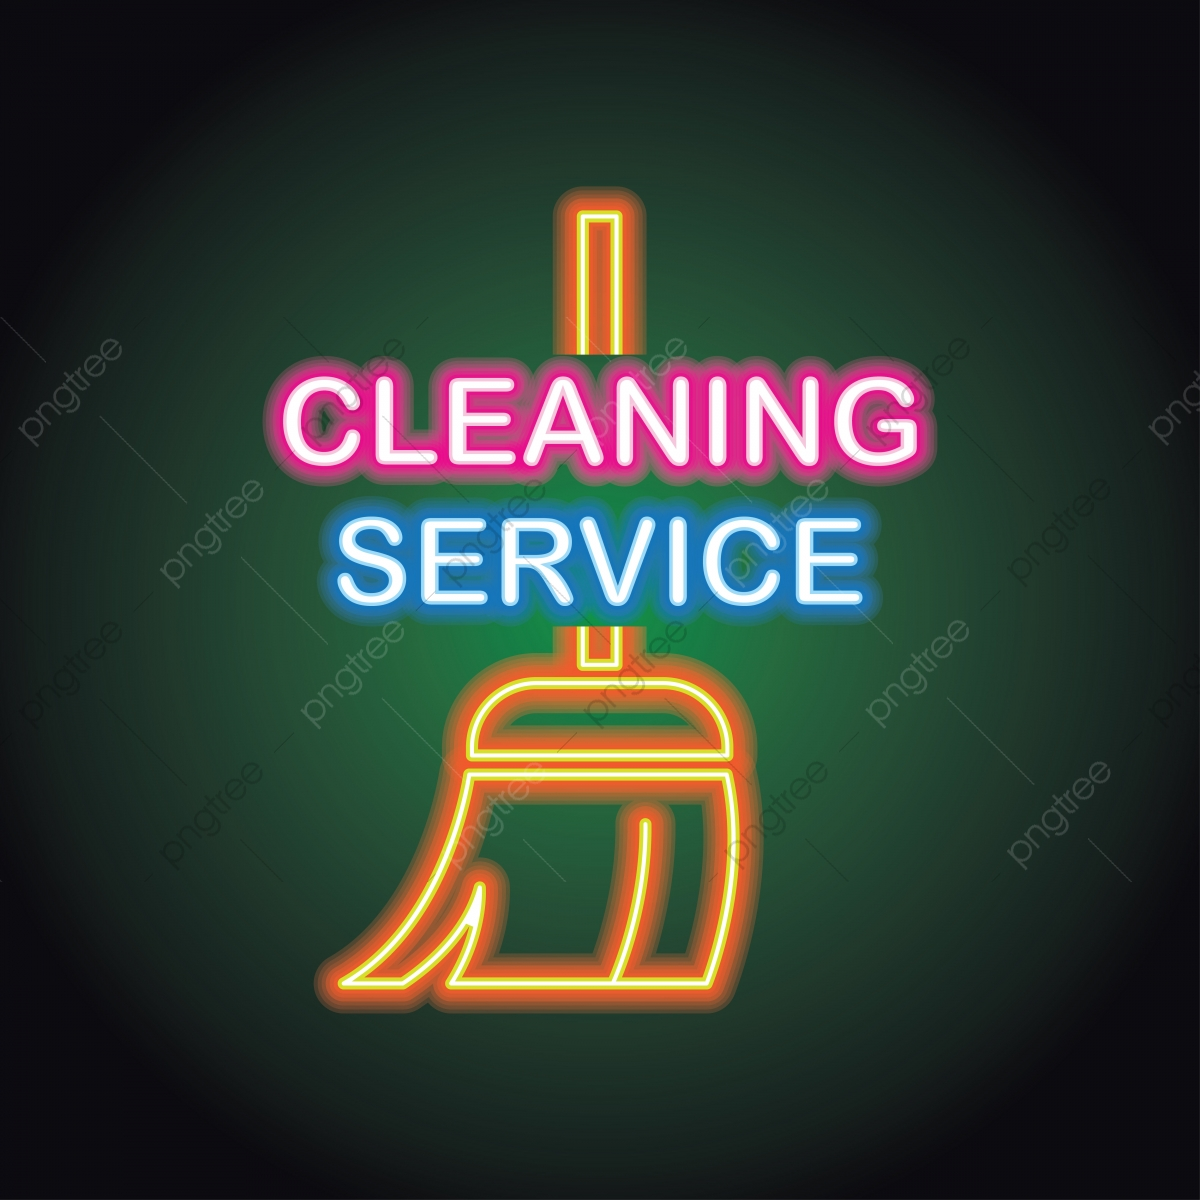 Luci Neon Ufficio.Servizio Di Pulizie Logo Casa E Il Suo Ufficio Servizio Con